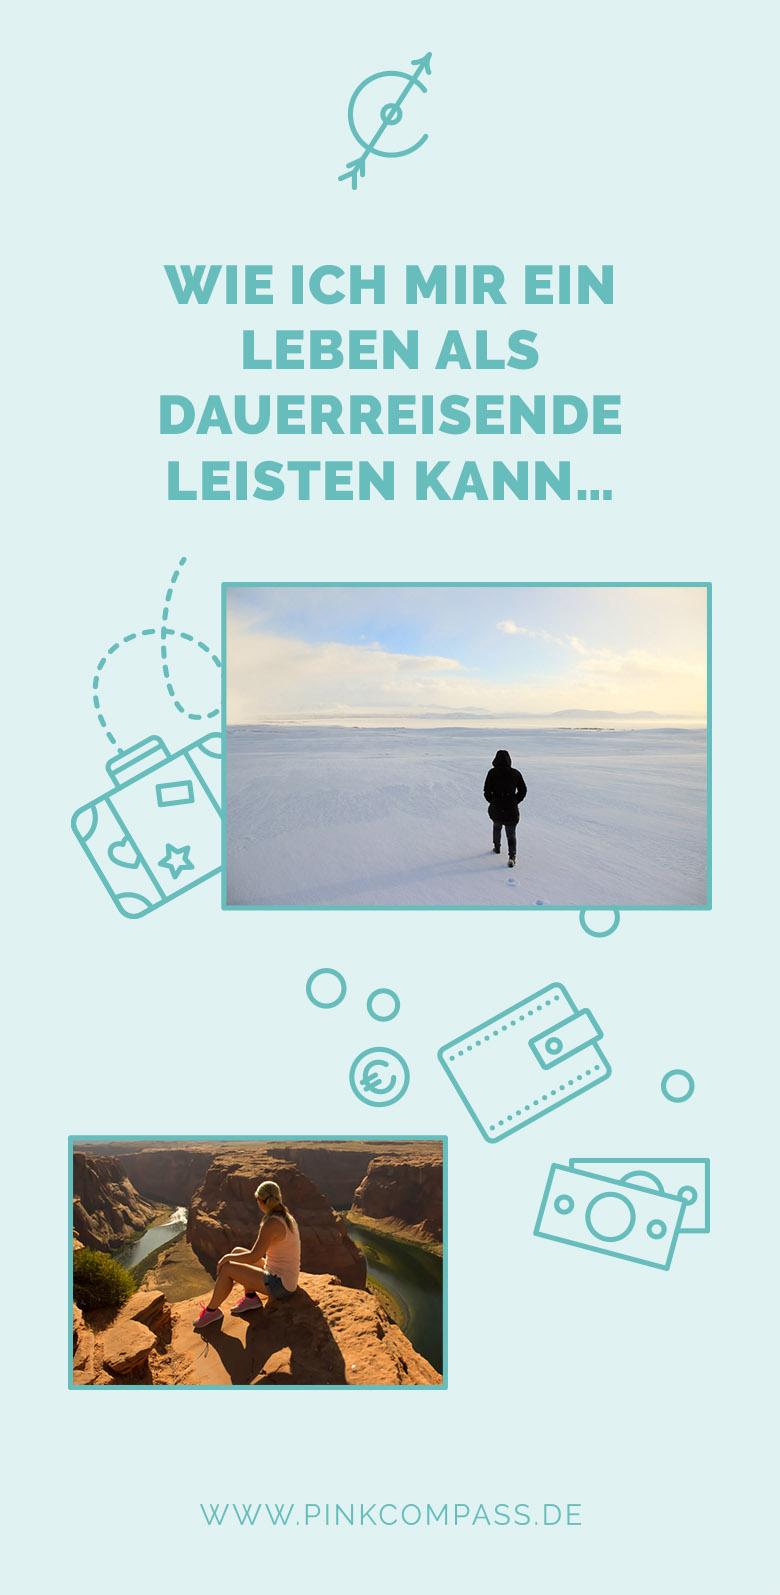 Auf Reisen Geld verdienen: Wie kann ich mir eigentlich ein Leben als Dauerreisende leisten? Wie verdiene ich auf Reisen Geld und habe ich noch normale Backpacker-Jobs? Alles, über mein Leben als Digitale Nomadin und wie ich mir das Reisen finanziere, liest Du hier!